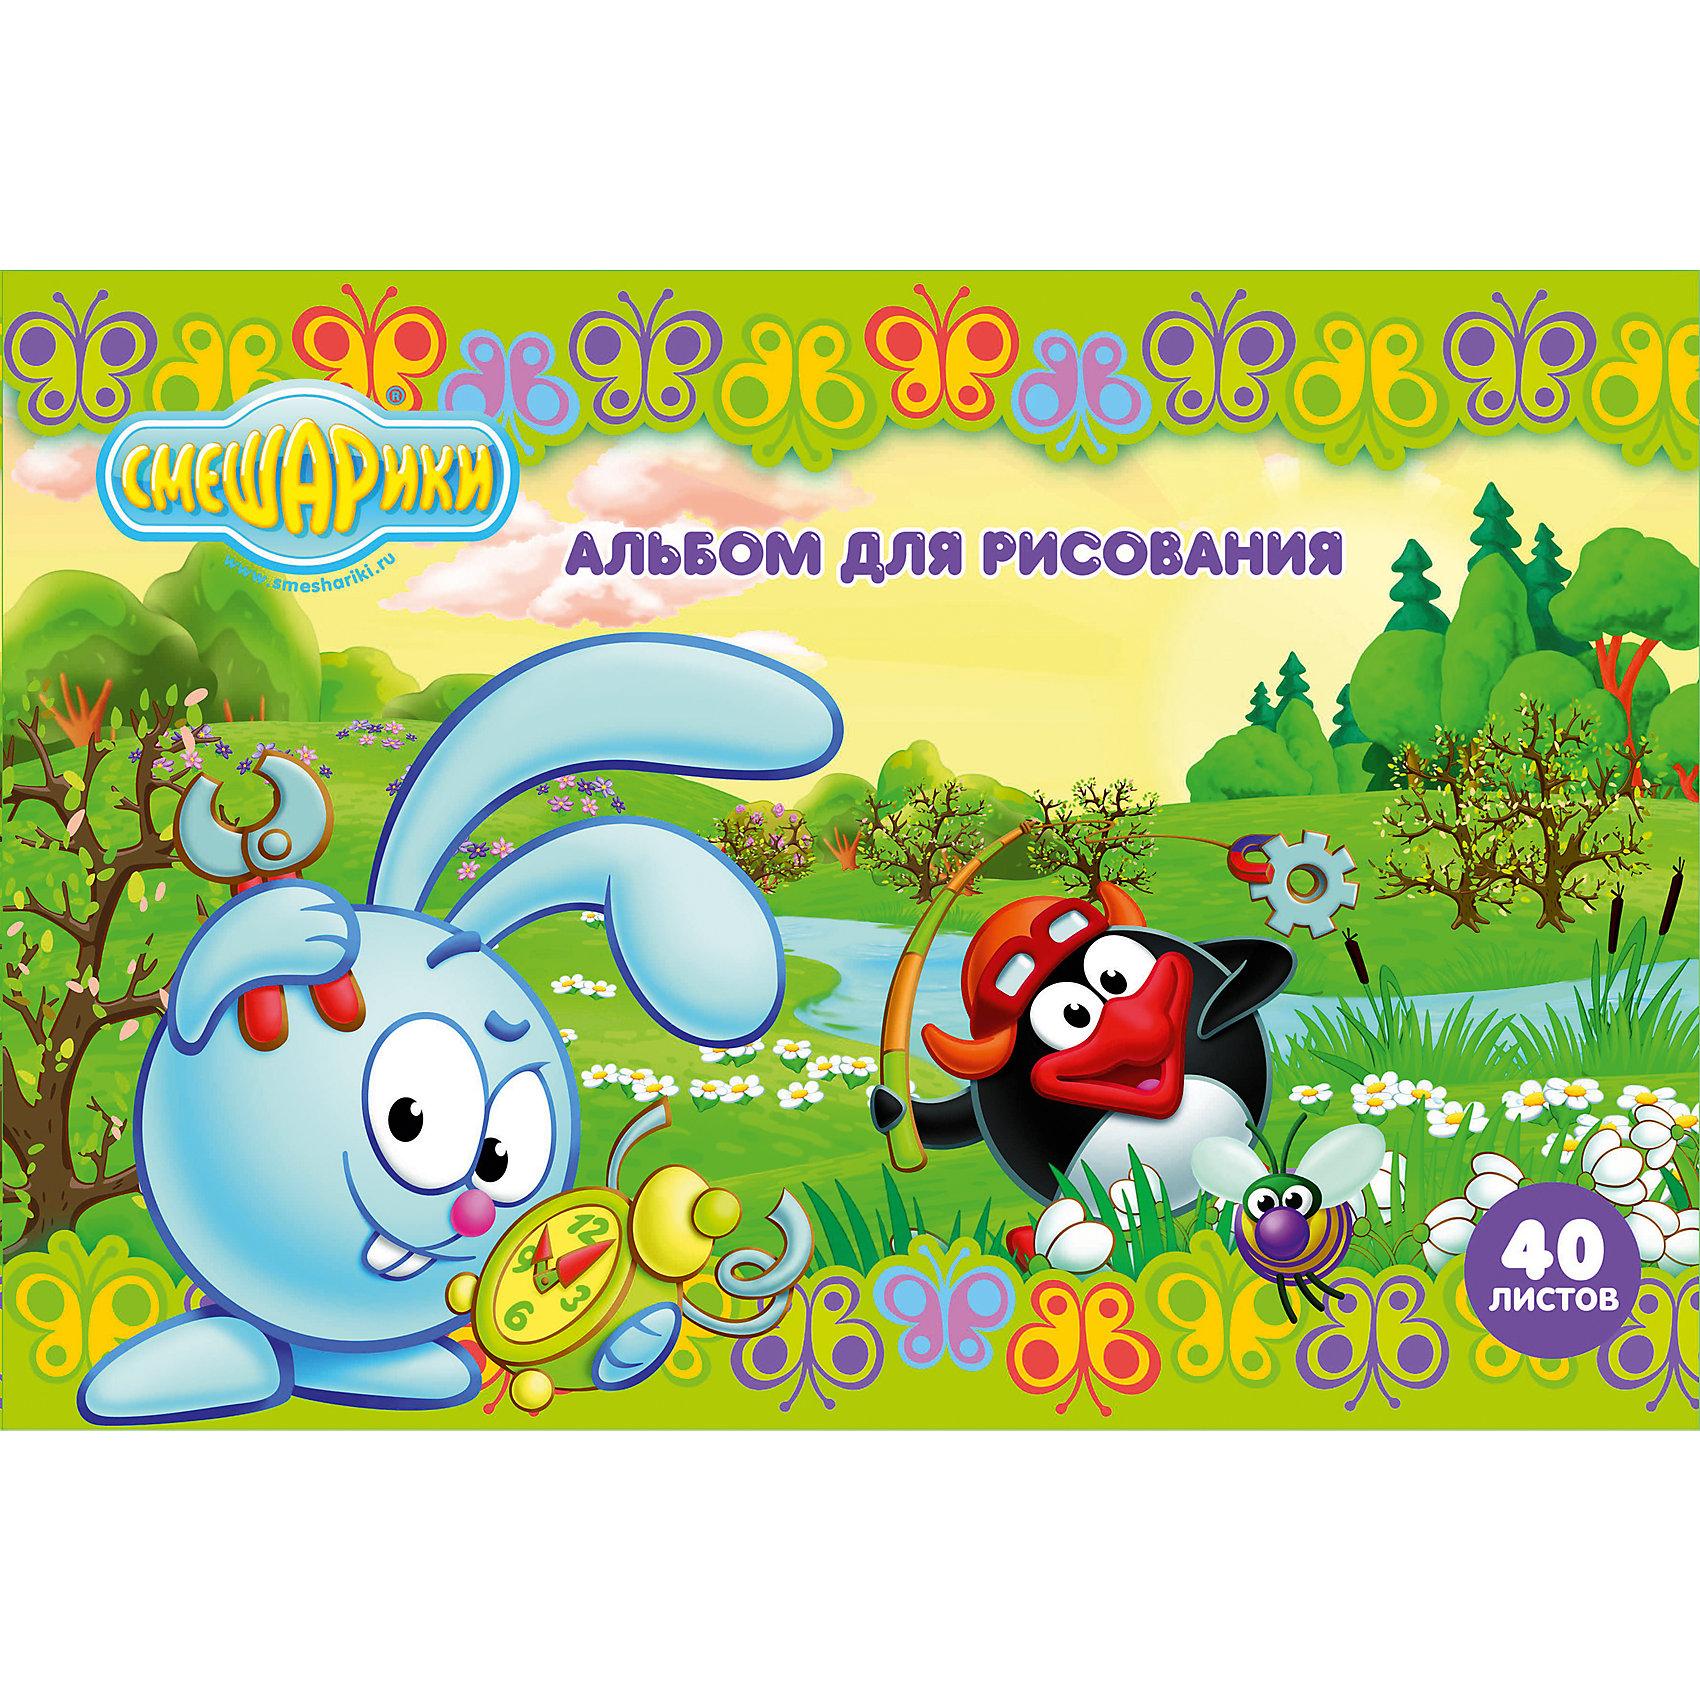 Альбом для рисования Смешарики, 40 листов